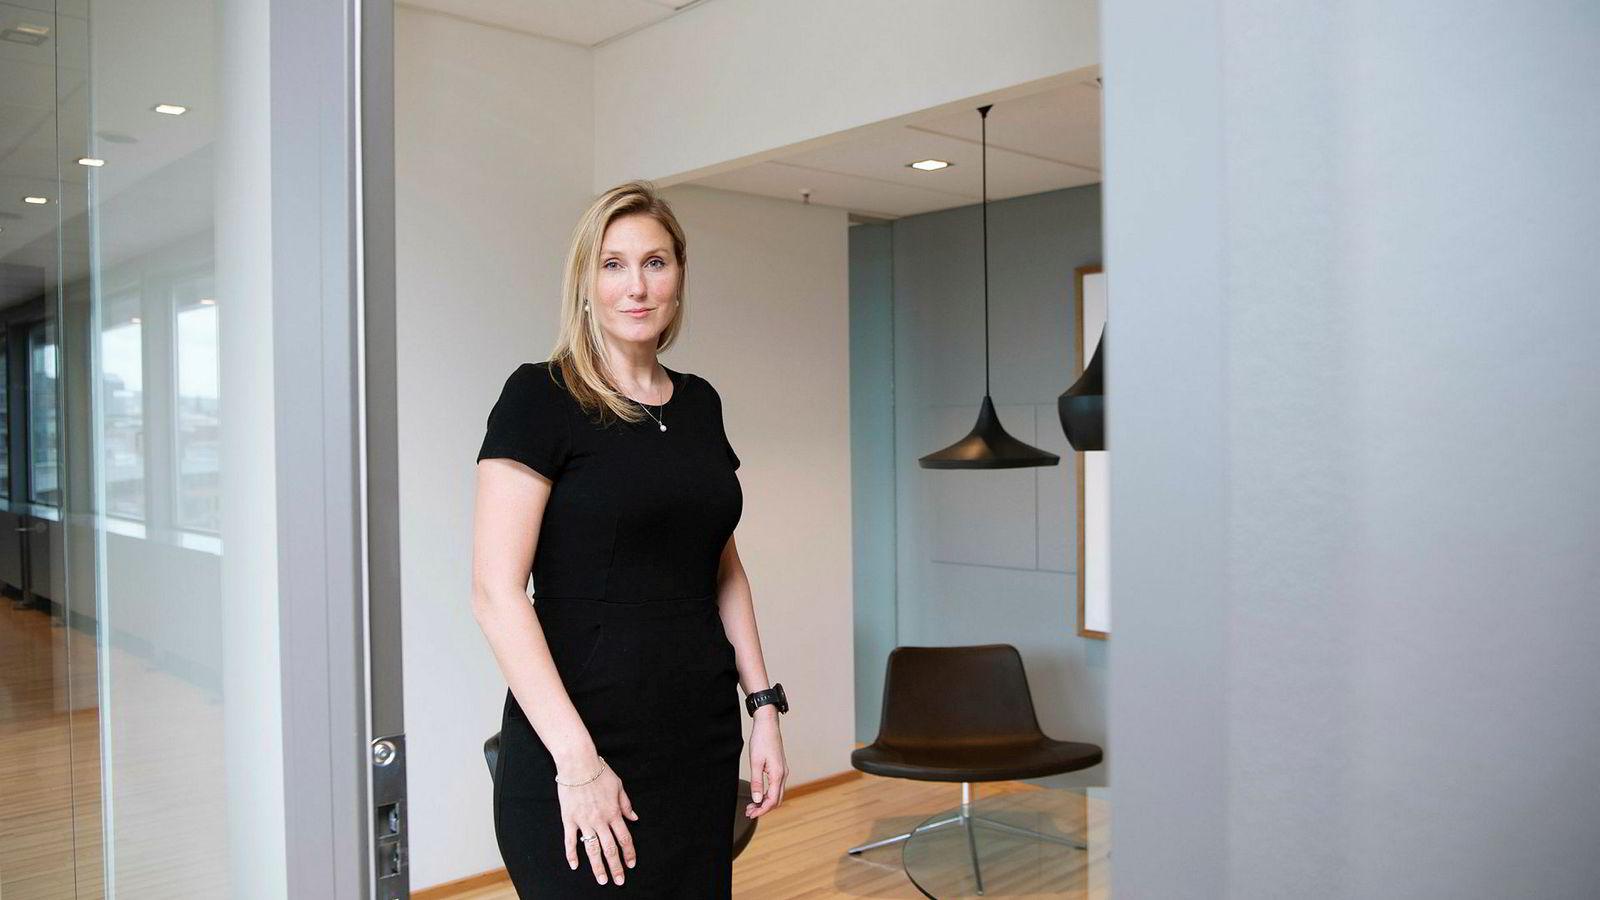 Prisveksten falt i mai. Erica Blomgren Dalstø tror ikke dette vil hindre Norges bank fra å heve renten.